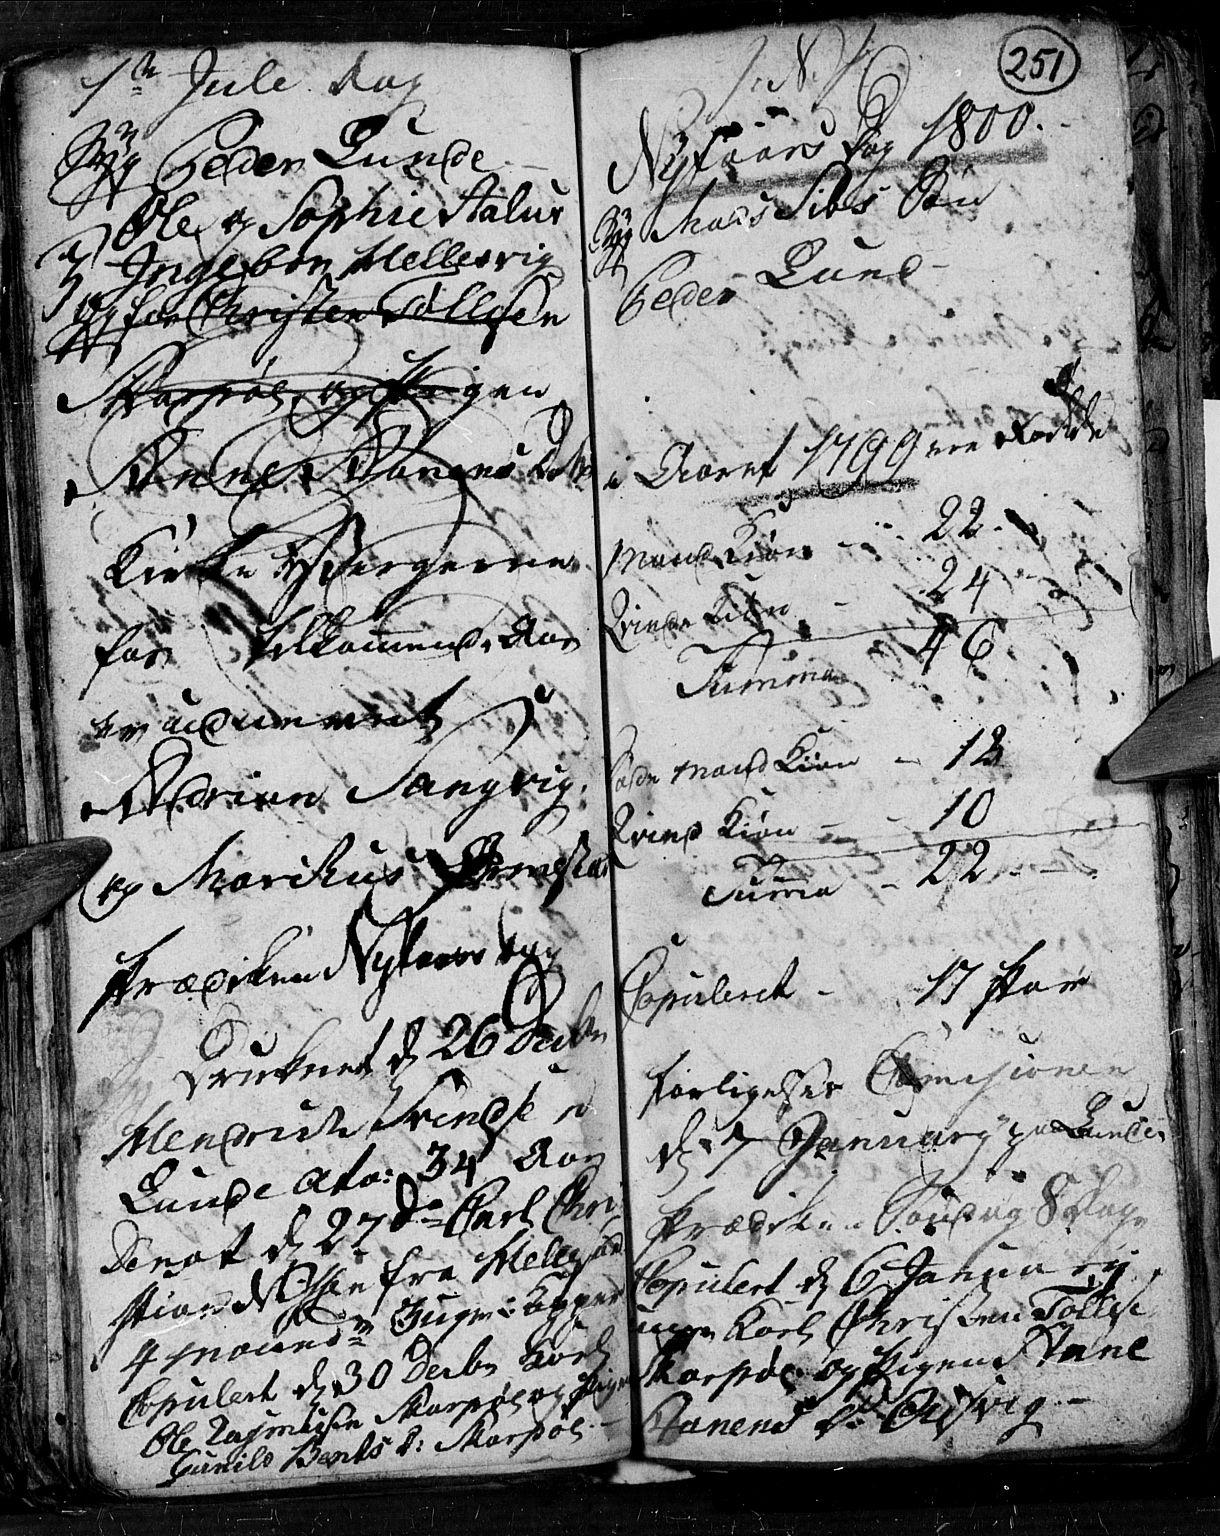 SAK, Søgne sokneprestkontor, F/Fb/Fbb/L0001: Klokkerbok nr. B 1, 1779-1802, s. 251